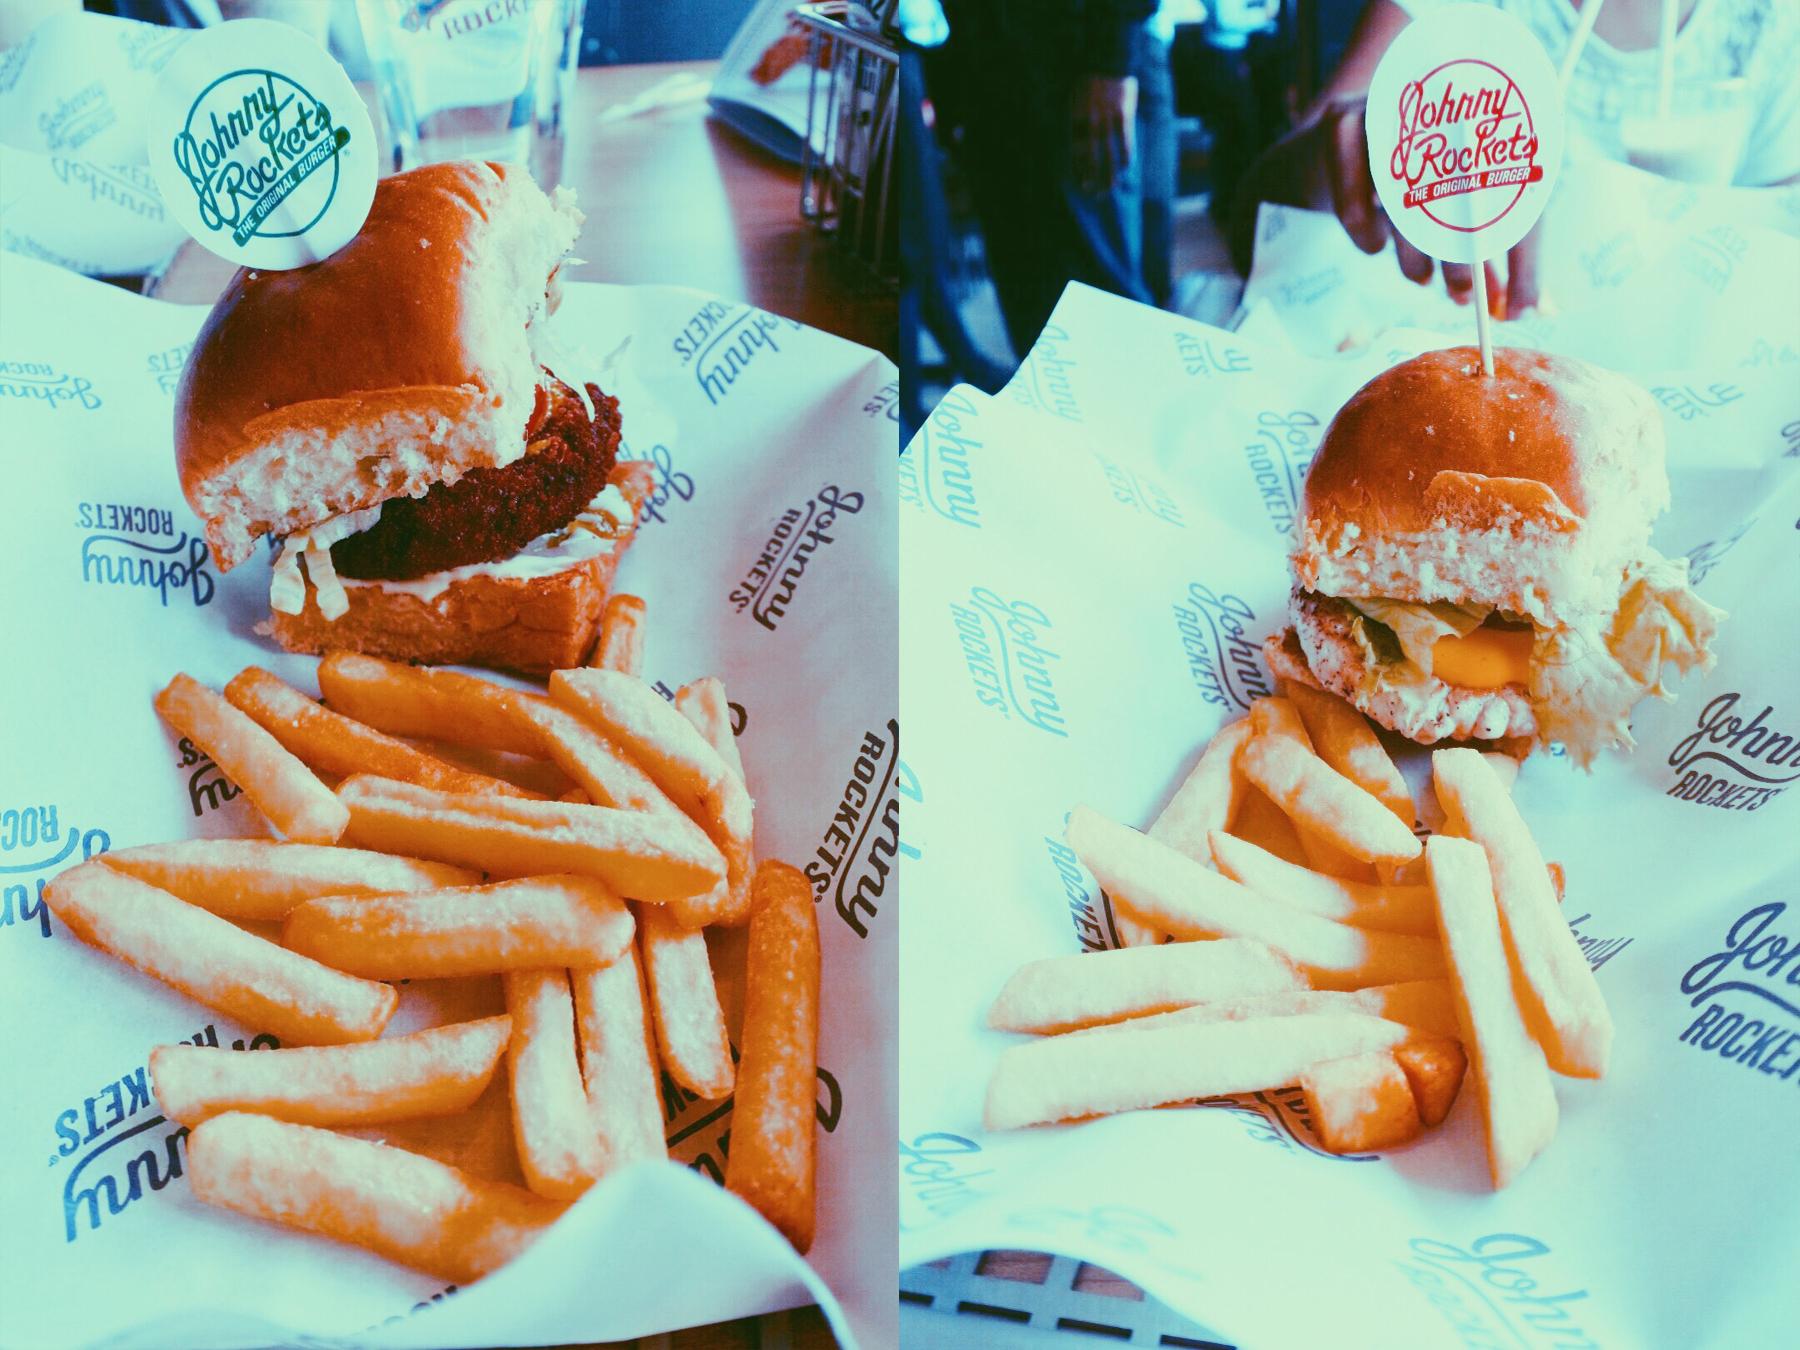 Yummielicious burgers